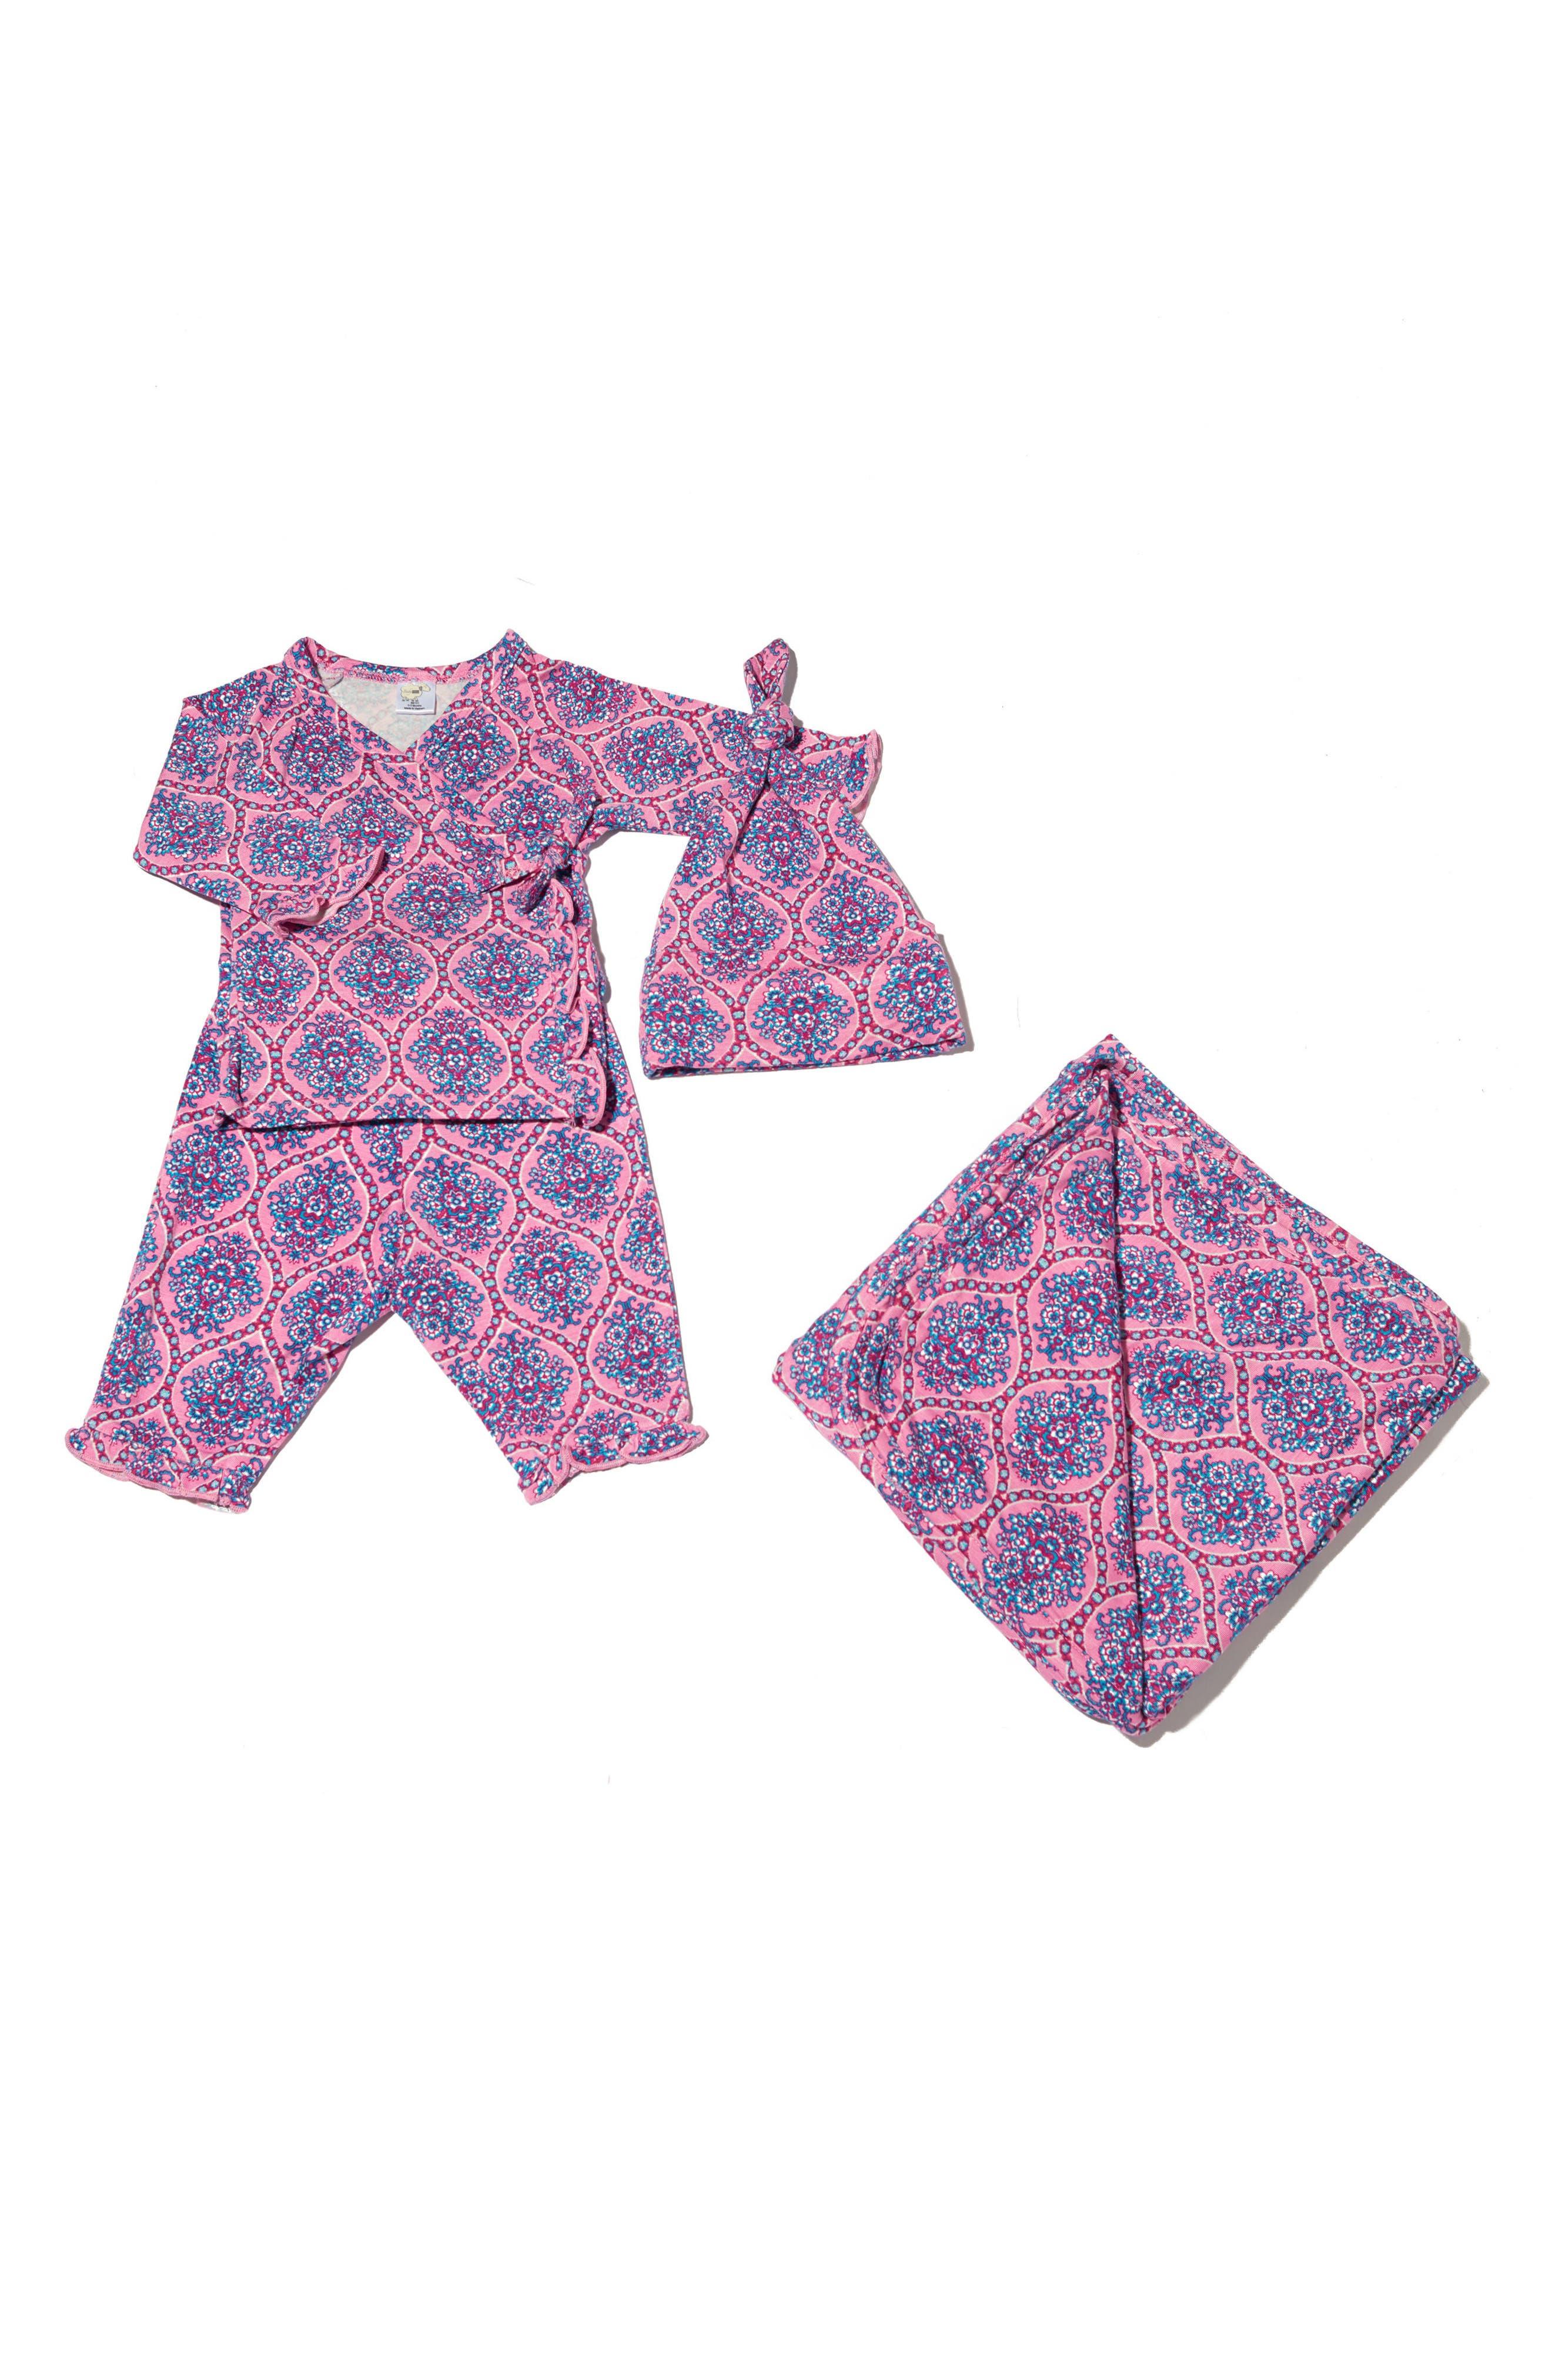 Baby Grey Ruffle Kimono Top, Pants, Hat & Blanket Set (Baby Girls)